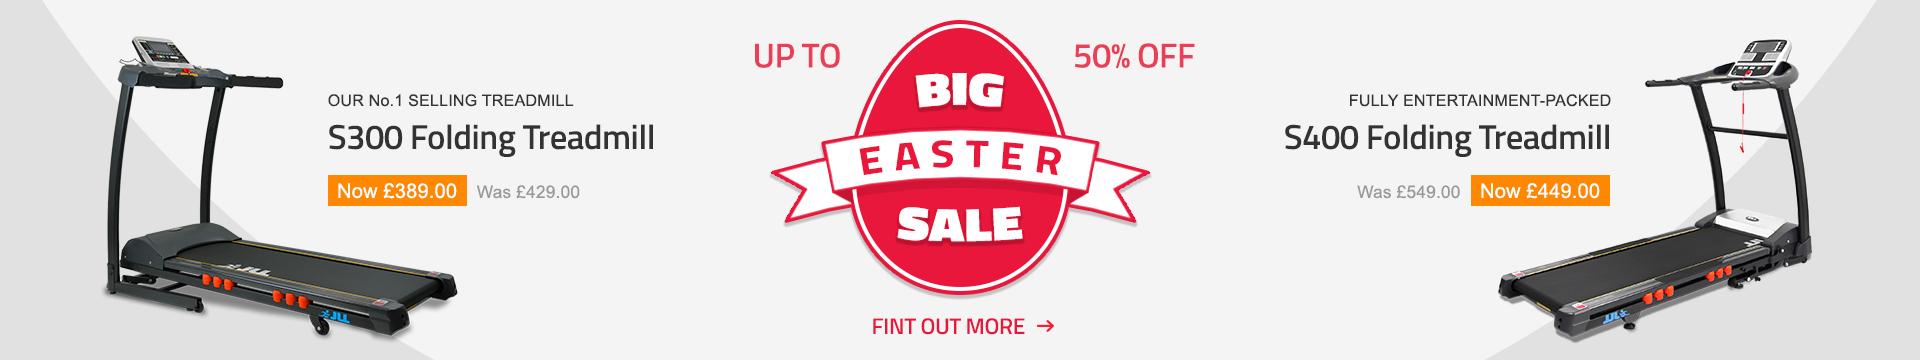 Easter BIg Sale Offer Fitness